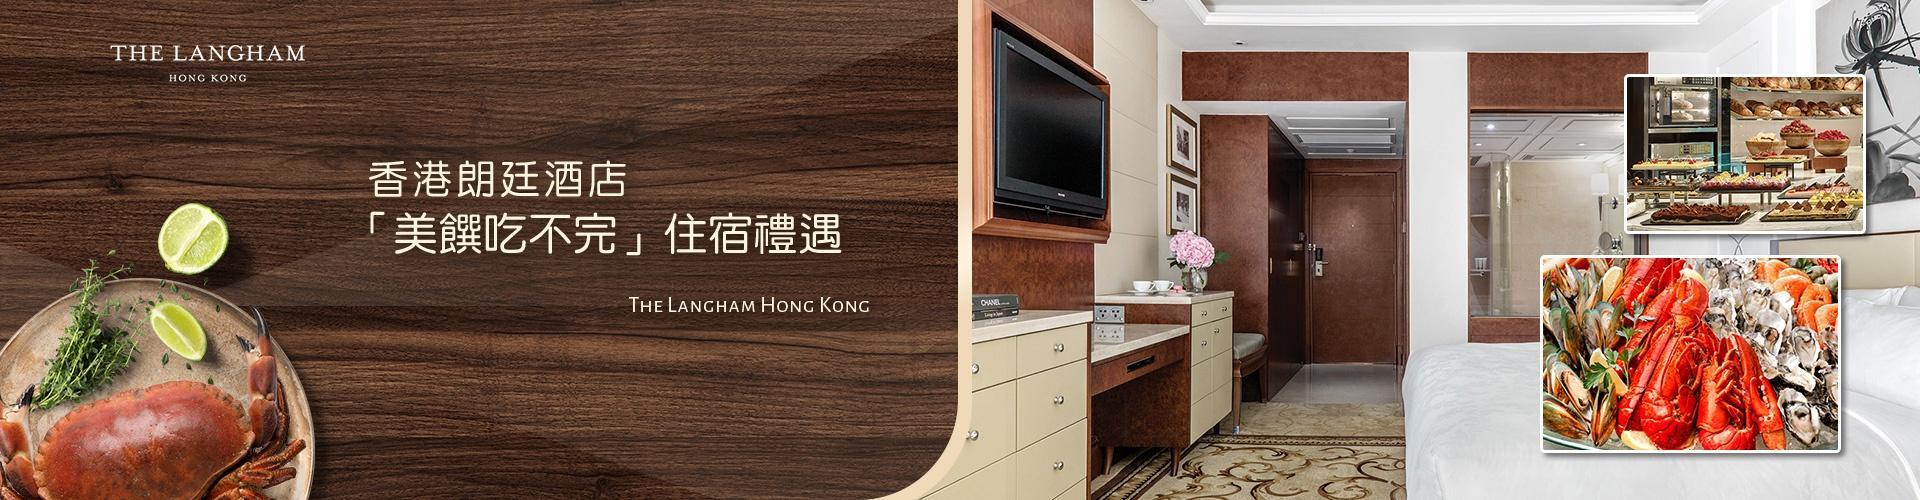 香港朗廷酒店「美饌吃不完」住宿禮遇